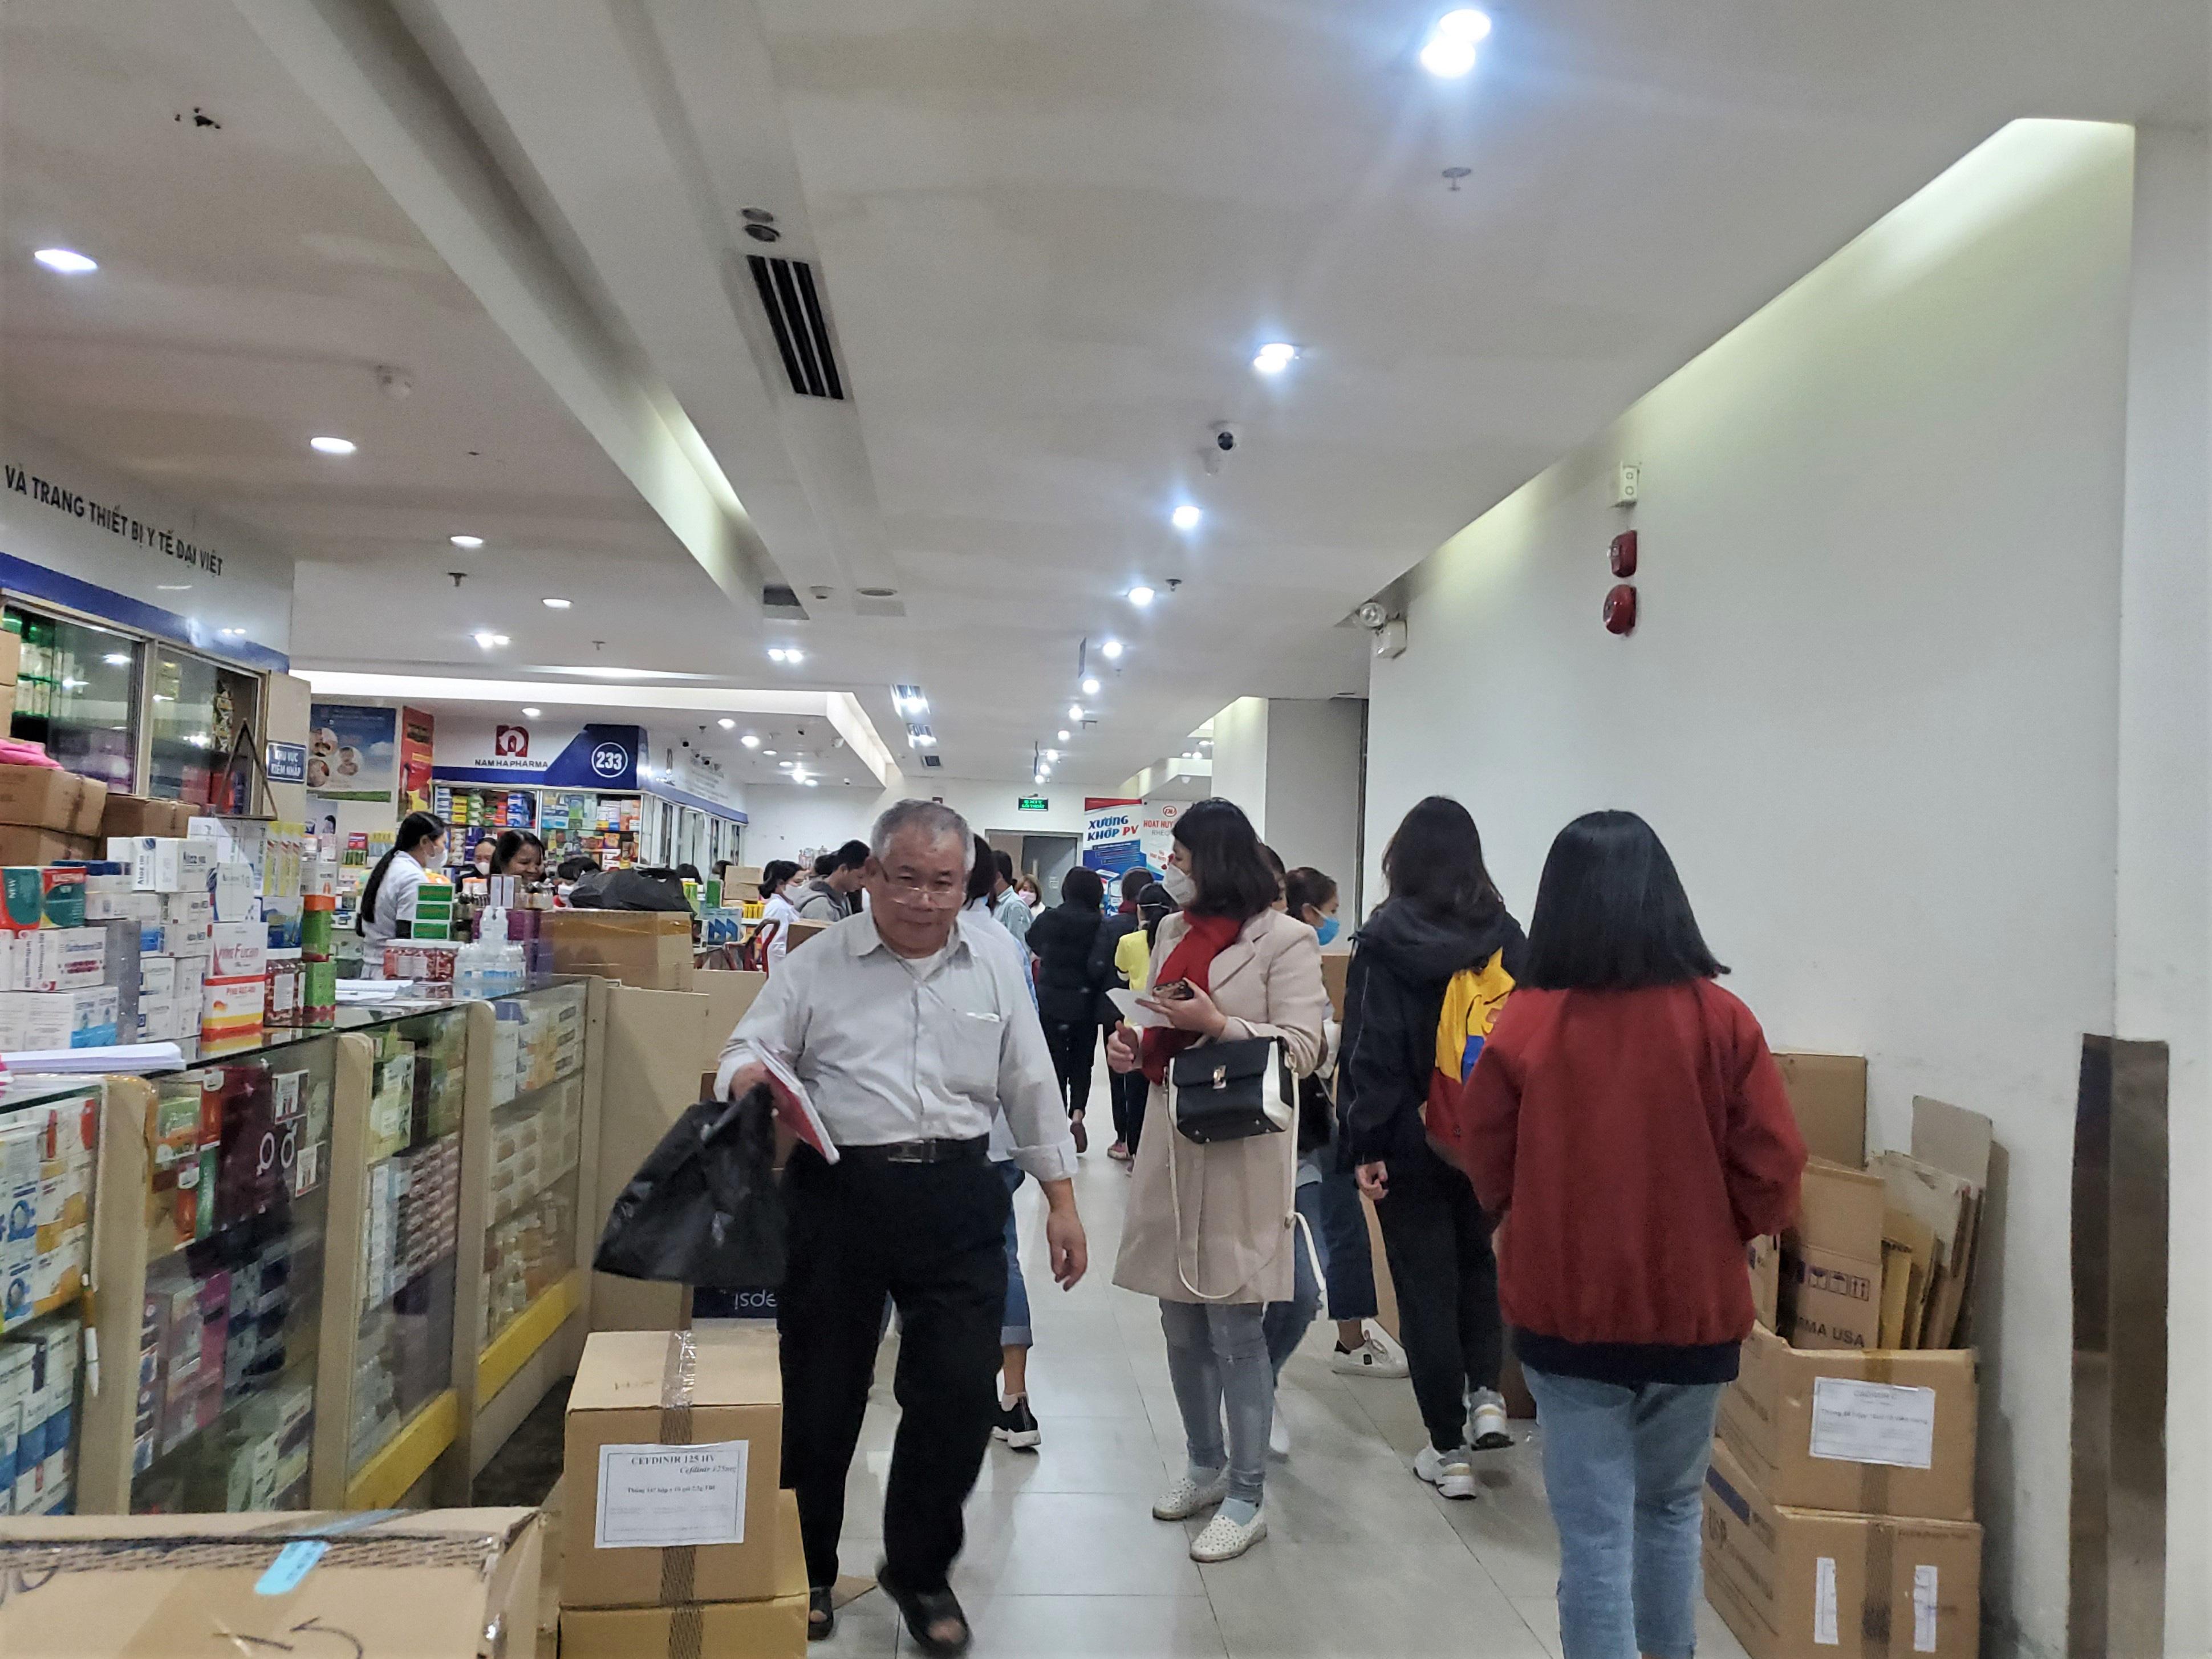 Sau 1 đêm, chợ thuốc lớn nhất Hà Nội đồng loạt đặt biển không bán khẩu trang, miễn hỏi - Ảnh 10.